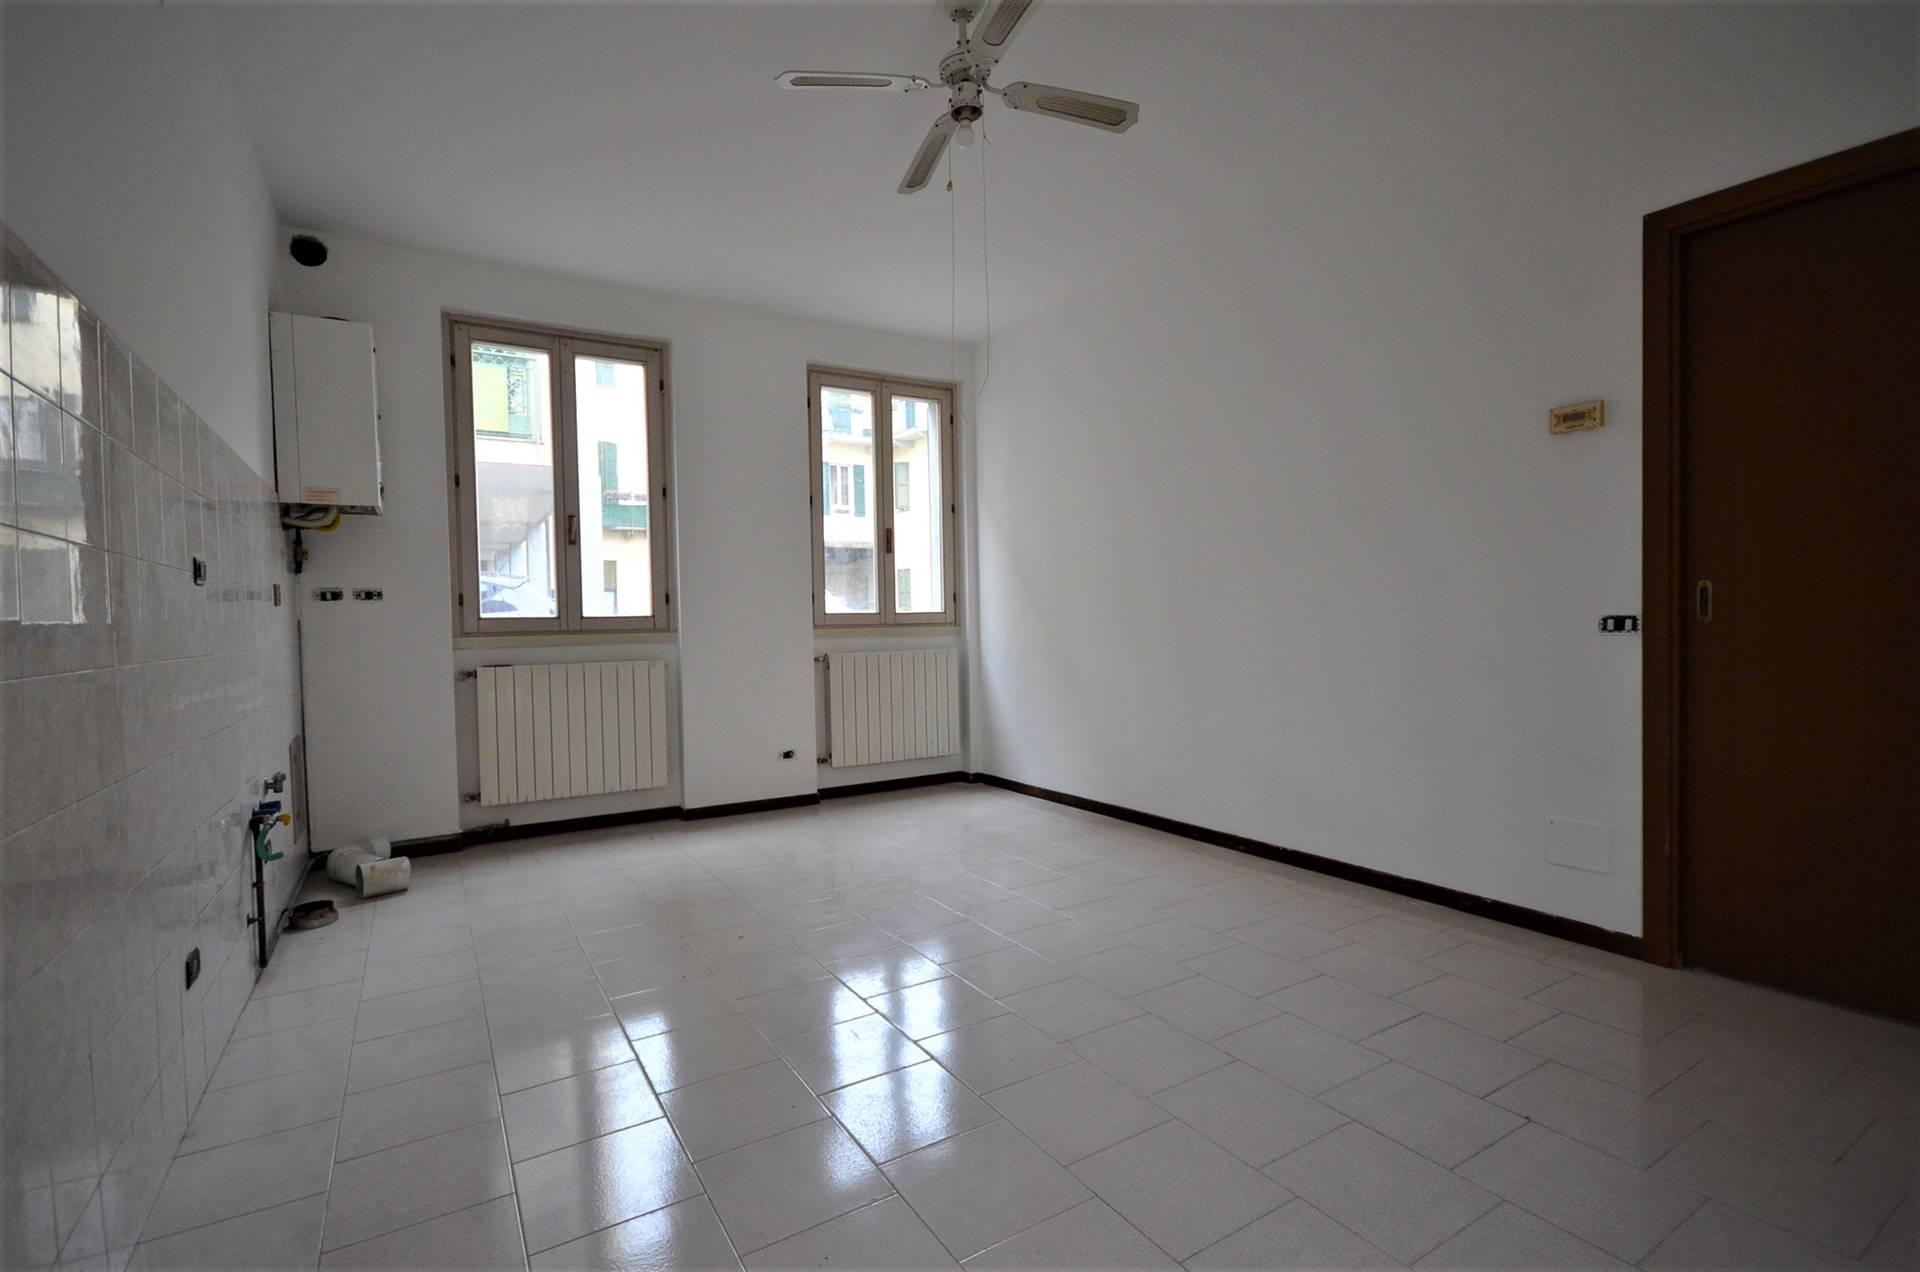 Appartamento in vendita a Gorgonzola, 2 locali, prezzo € 128.000 | PortaleAgenzieImmobiliari.it